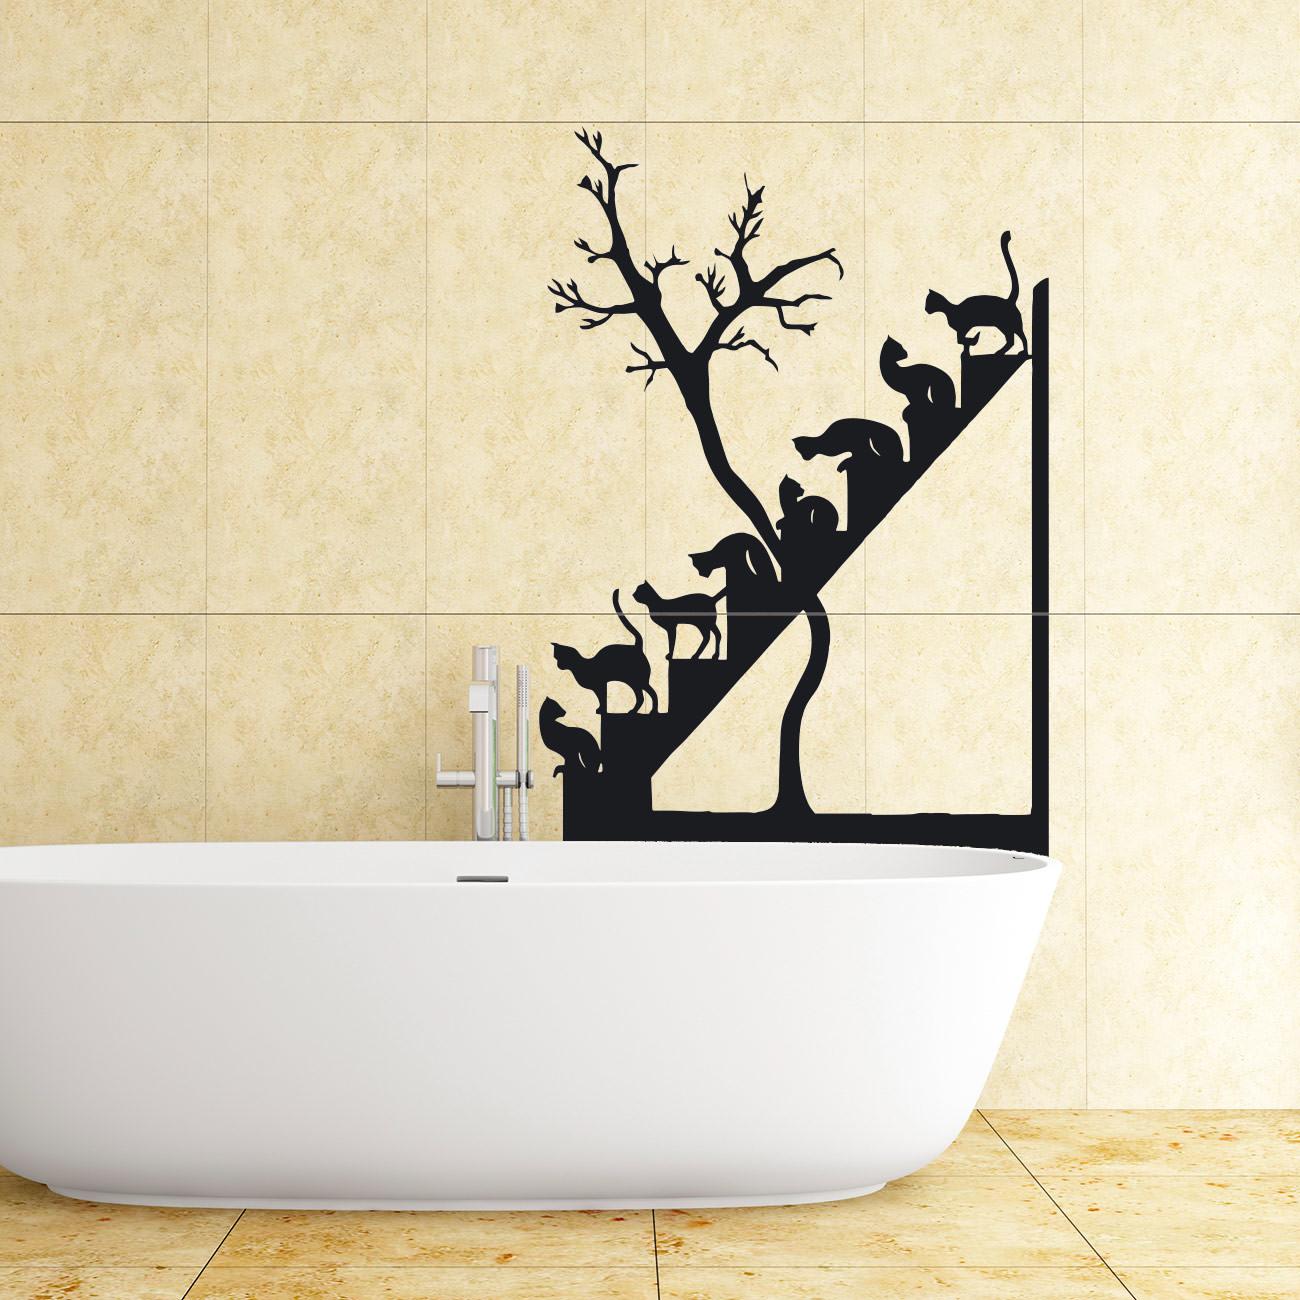 katzentreppe f r wohnzimmer wohnbereich wandtattoo sunnywall online shop. Black Bedroom Furniture Sets. Home Design Ideas